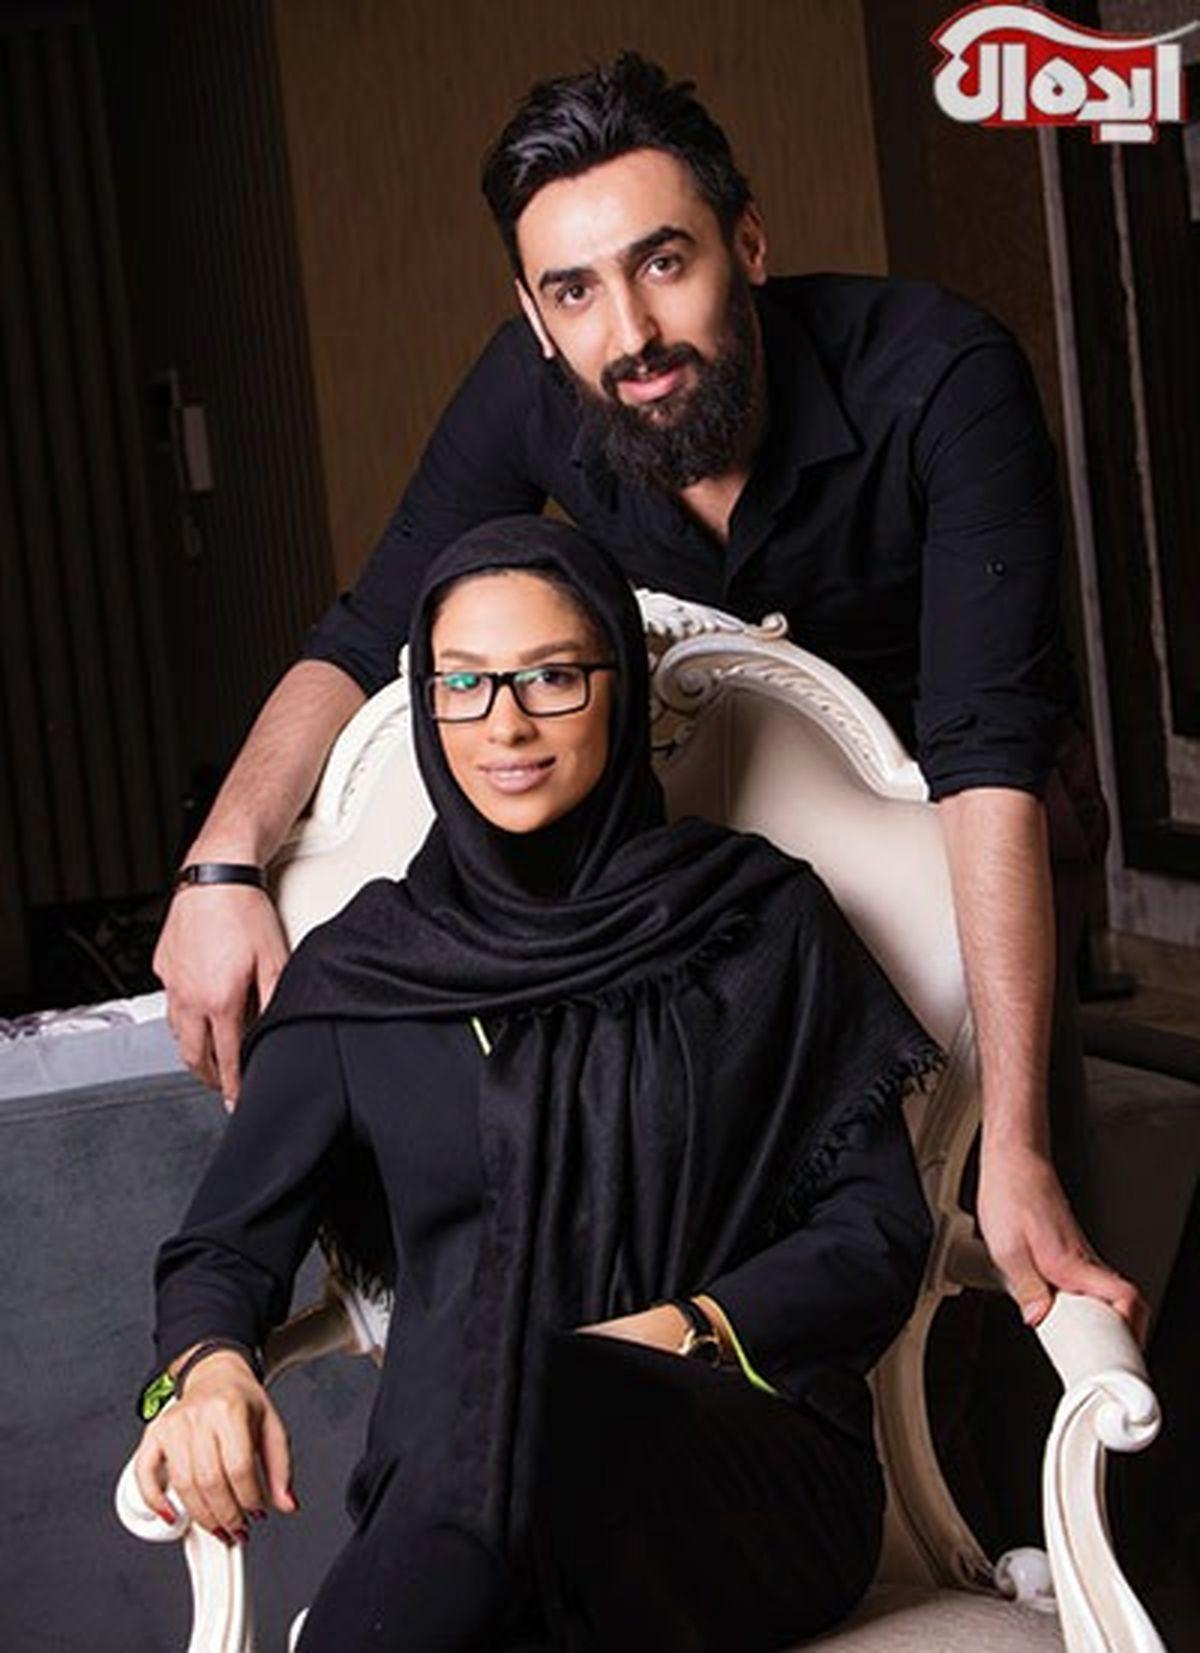 بیوگرافی مهتا محمدی والیبالیست و همسر پوریا فیاضی +تصاویر خانوادگی